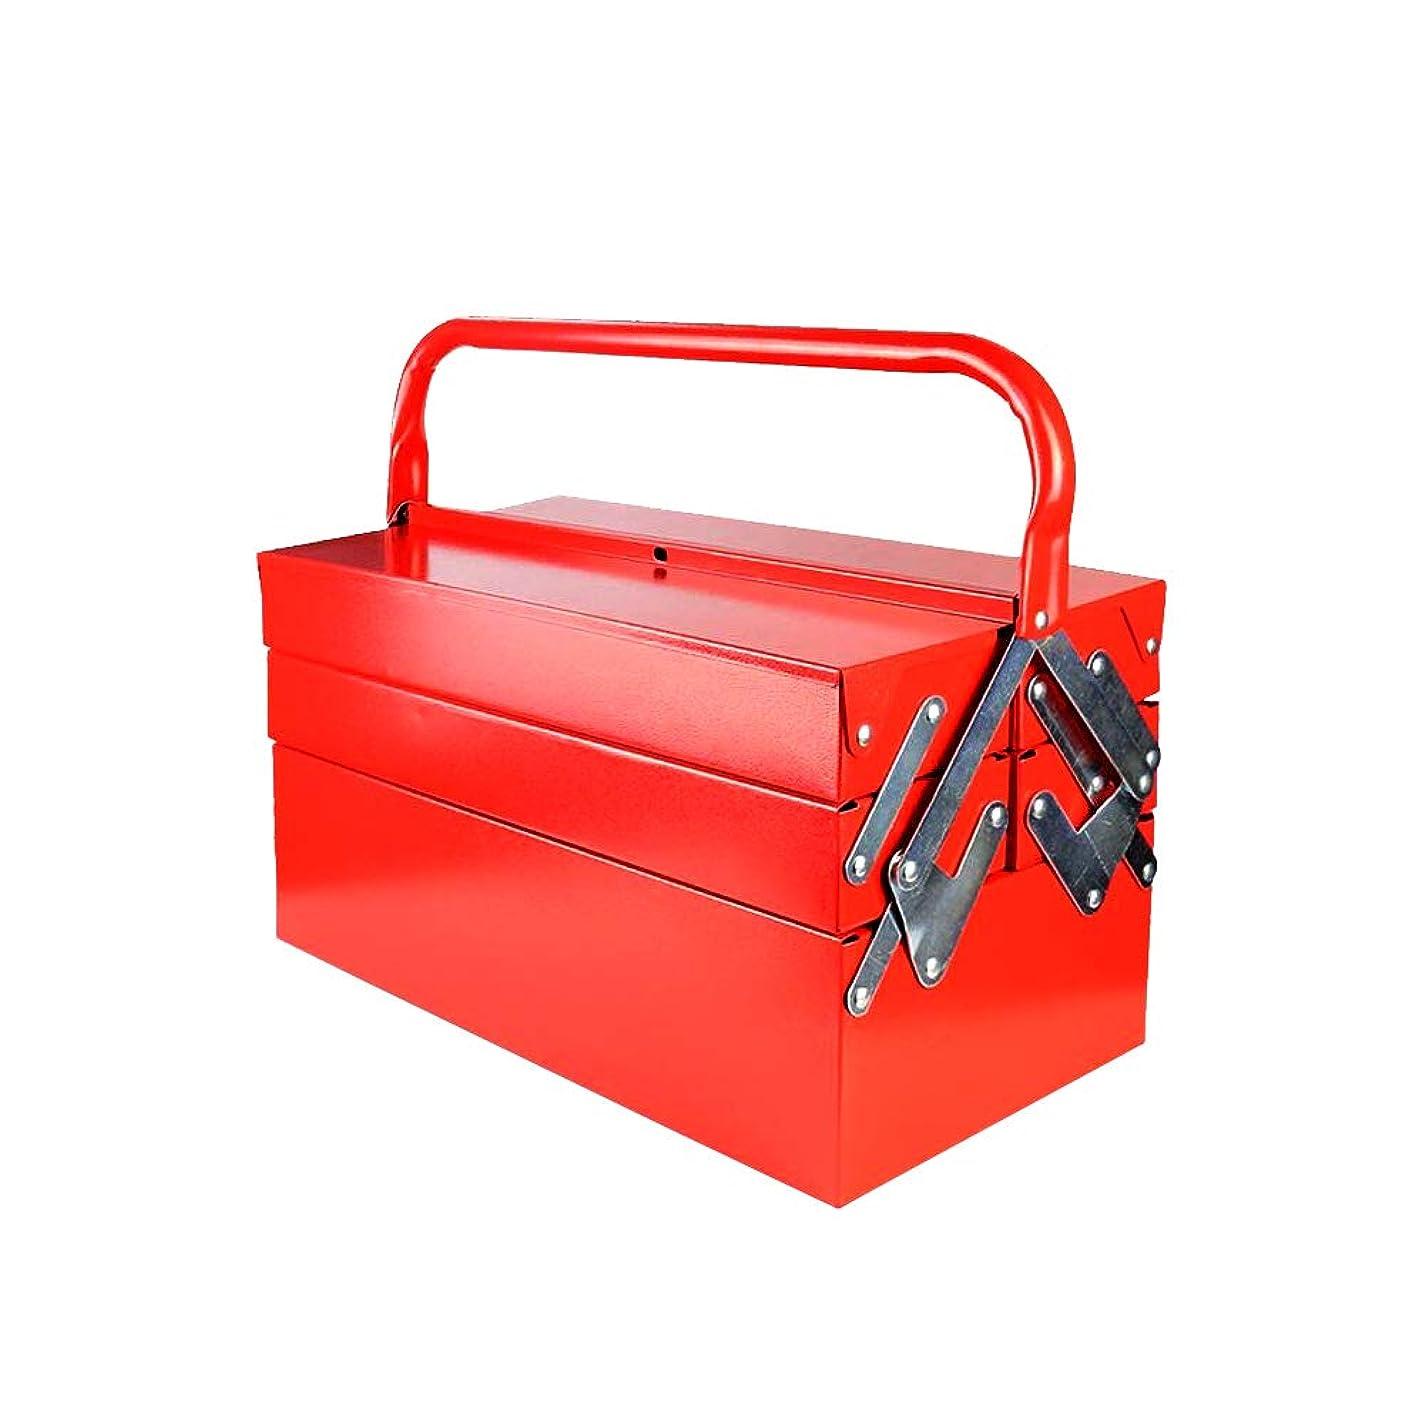 最悪舌な掃く雑貨の国のアリス ツールボックス 工具箱 収納BOX 3段 両開き 大型 工具 ケース 道具箱 [並行輸入品]